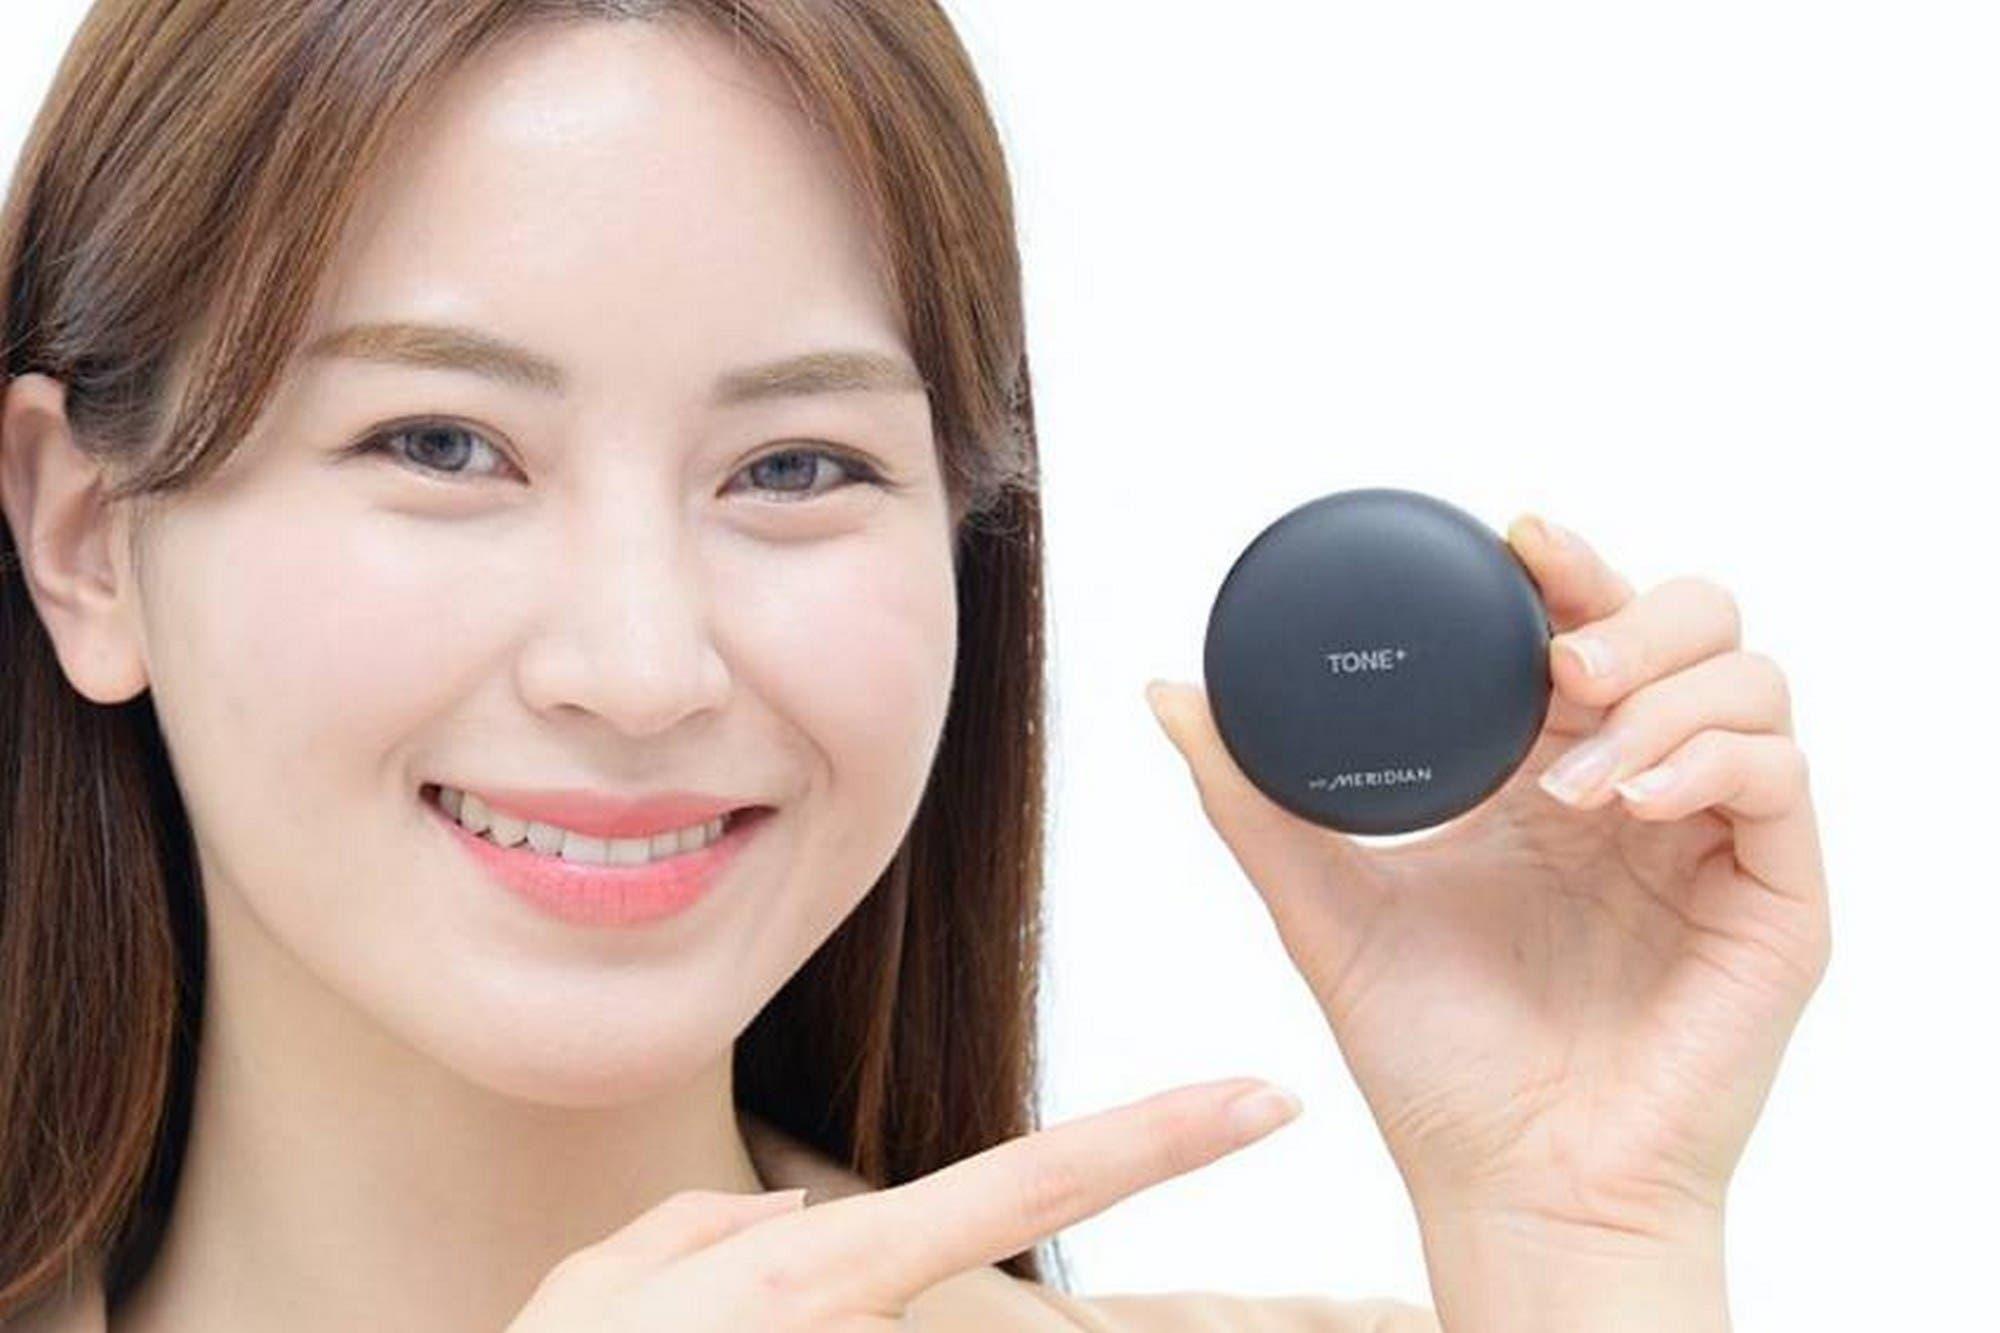 LG presentó unos auriculares que se limpian de forma automática con luz ultravioleta